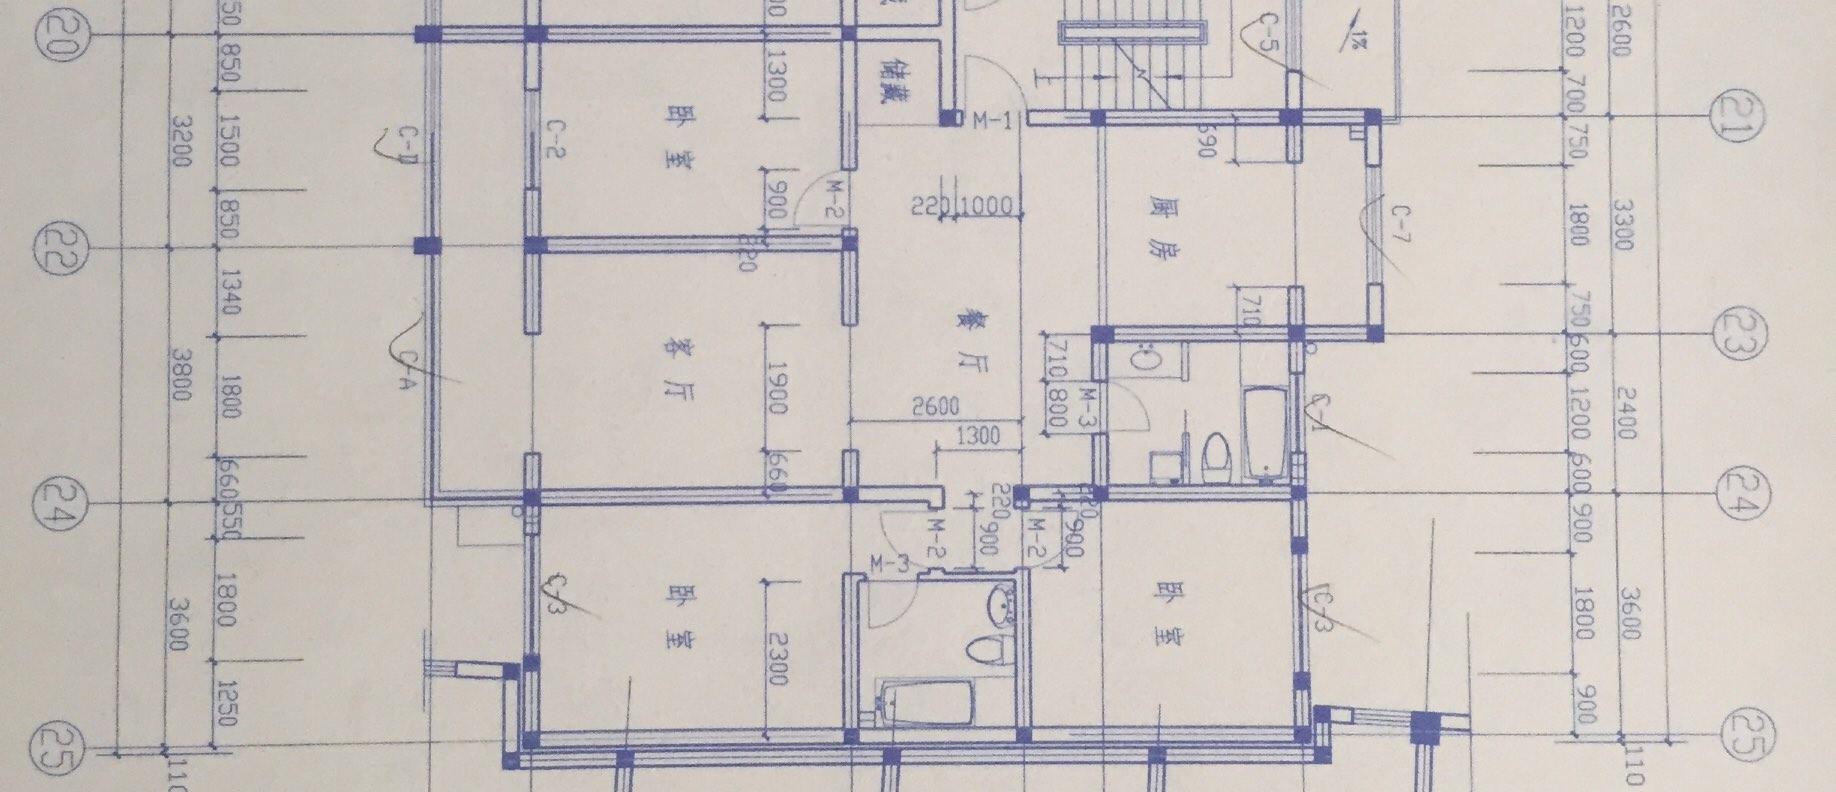 房间电路施工图